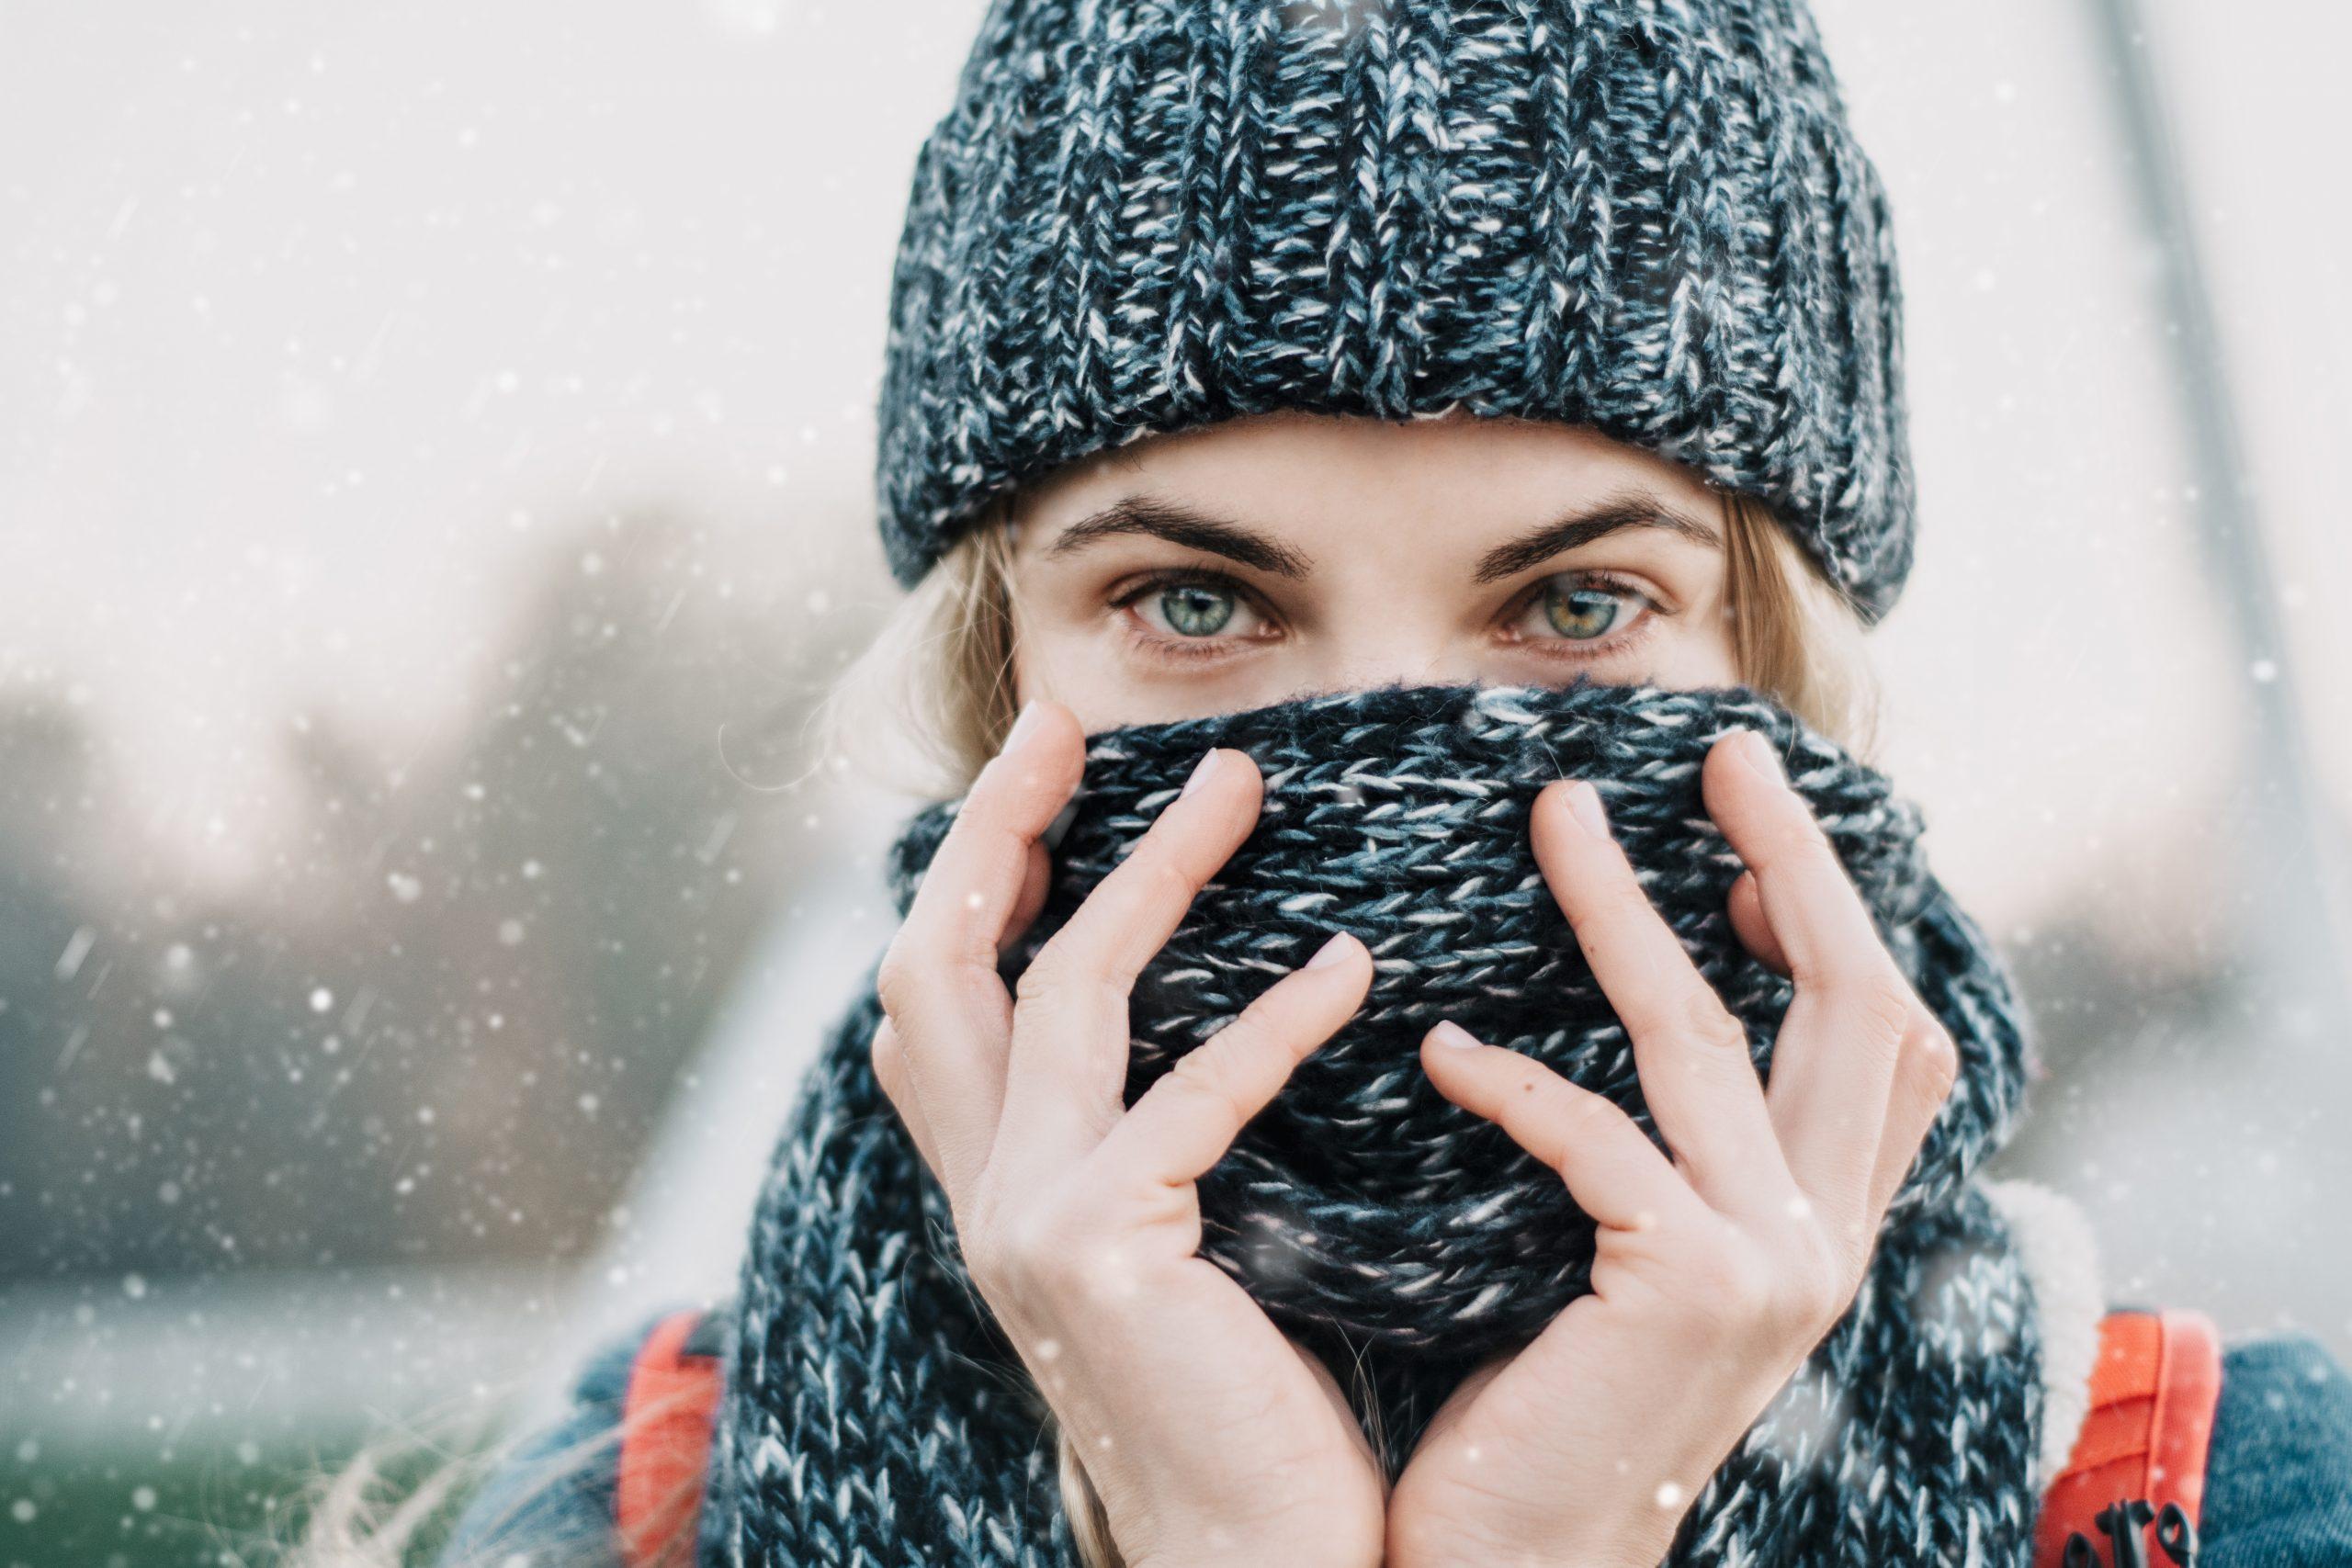 ¿Qué relación hay realmente entre la bajada de temperaturas y los  resfriados?